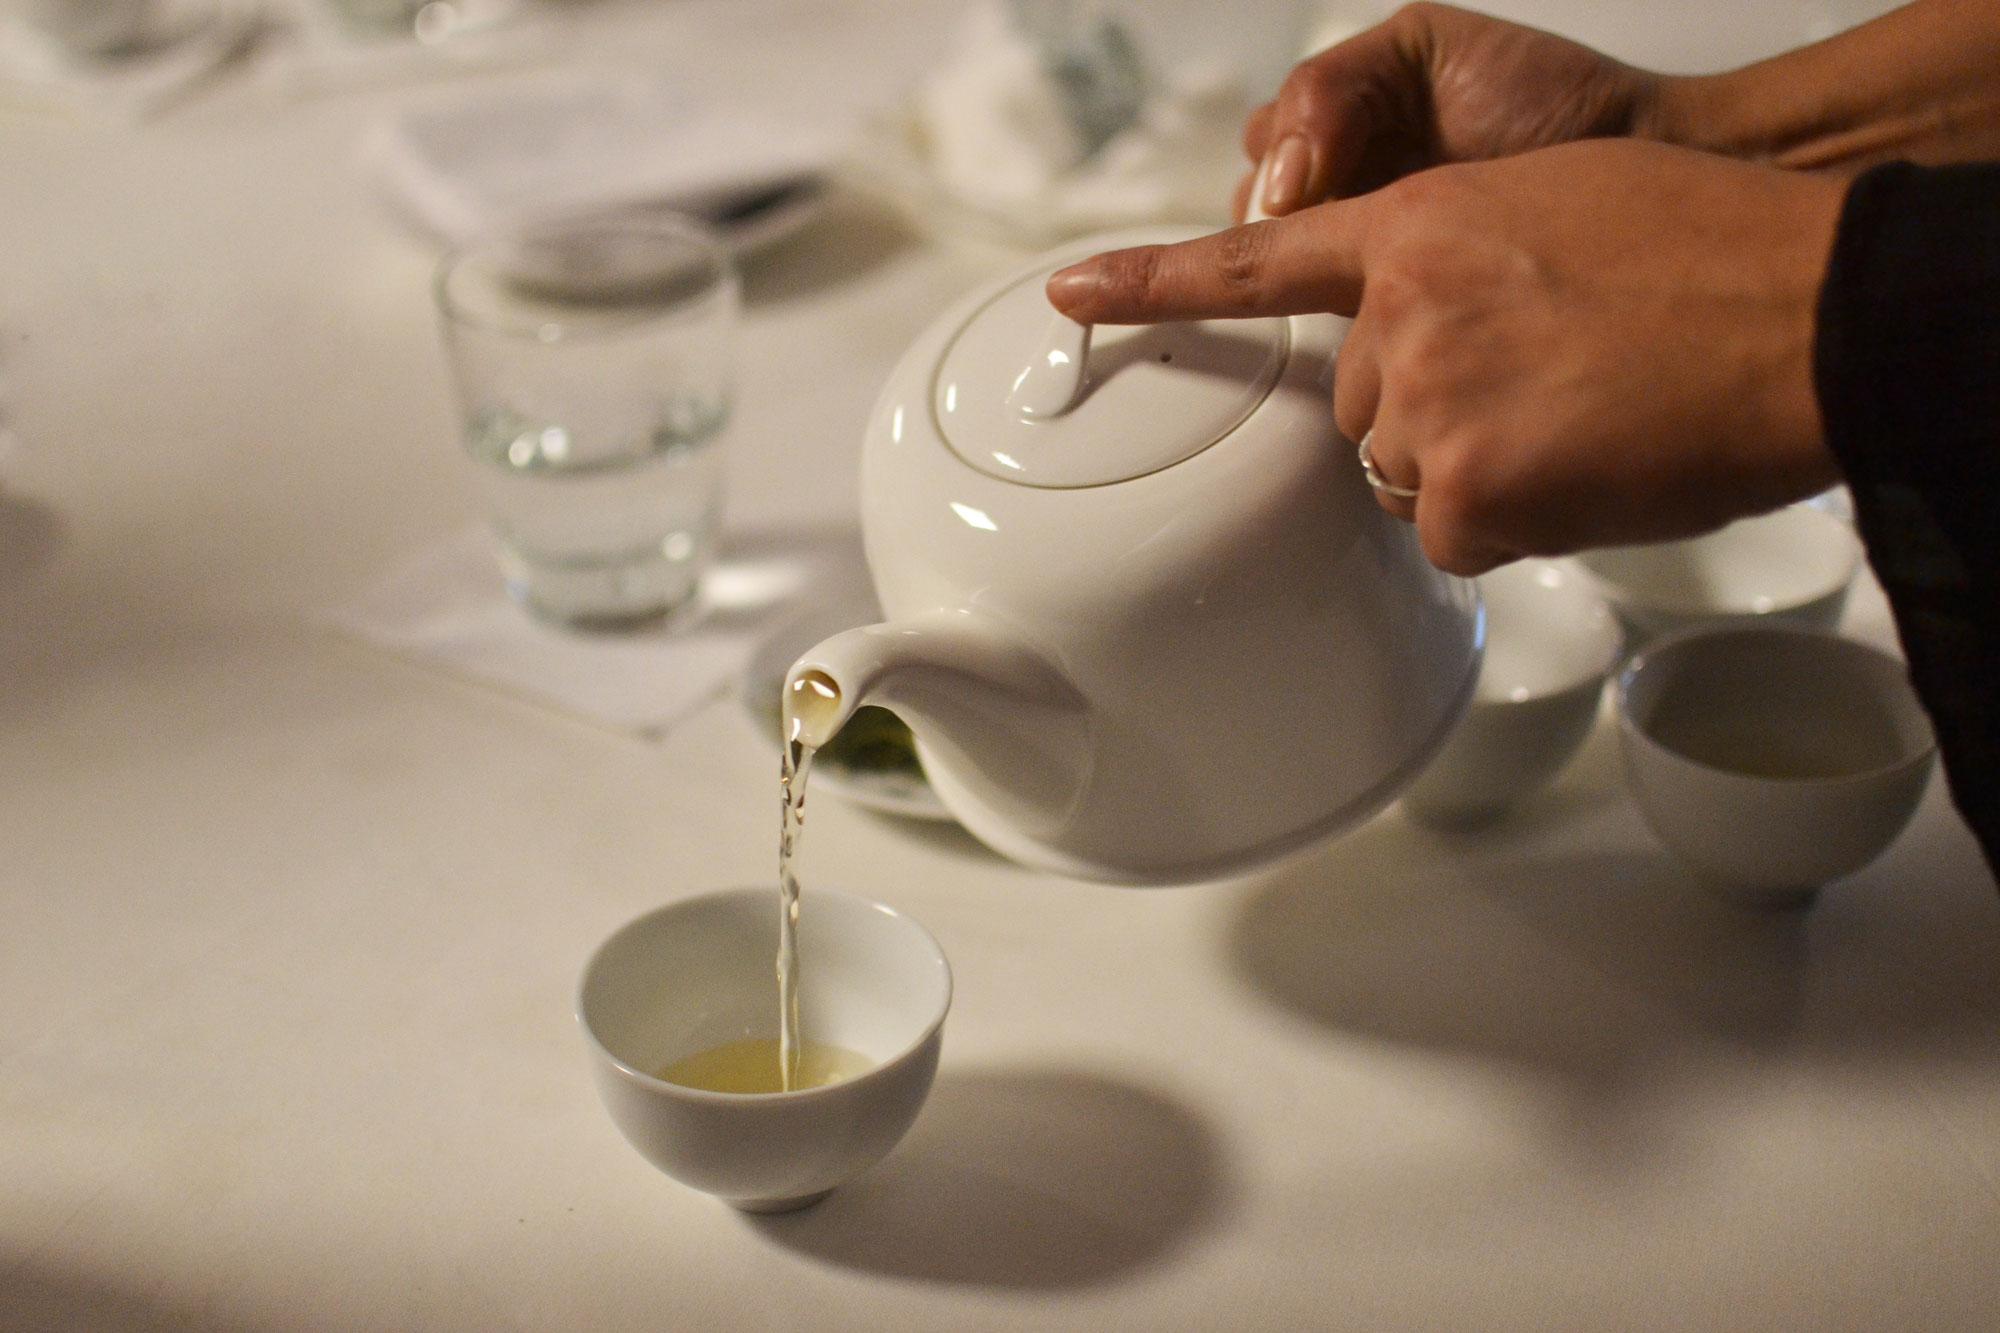 21 de mayo Día Internacional del Té: ¿Sabías que Misiones produce el 90 por ciento del té en Argentina?